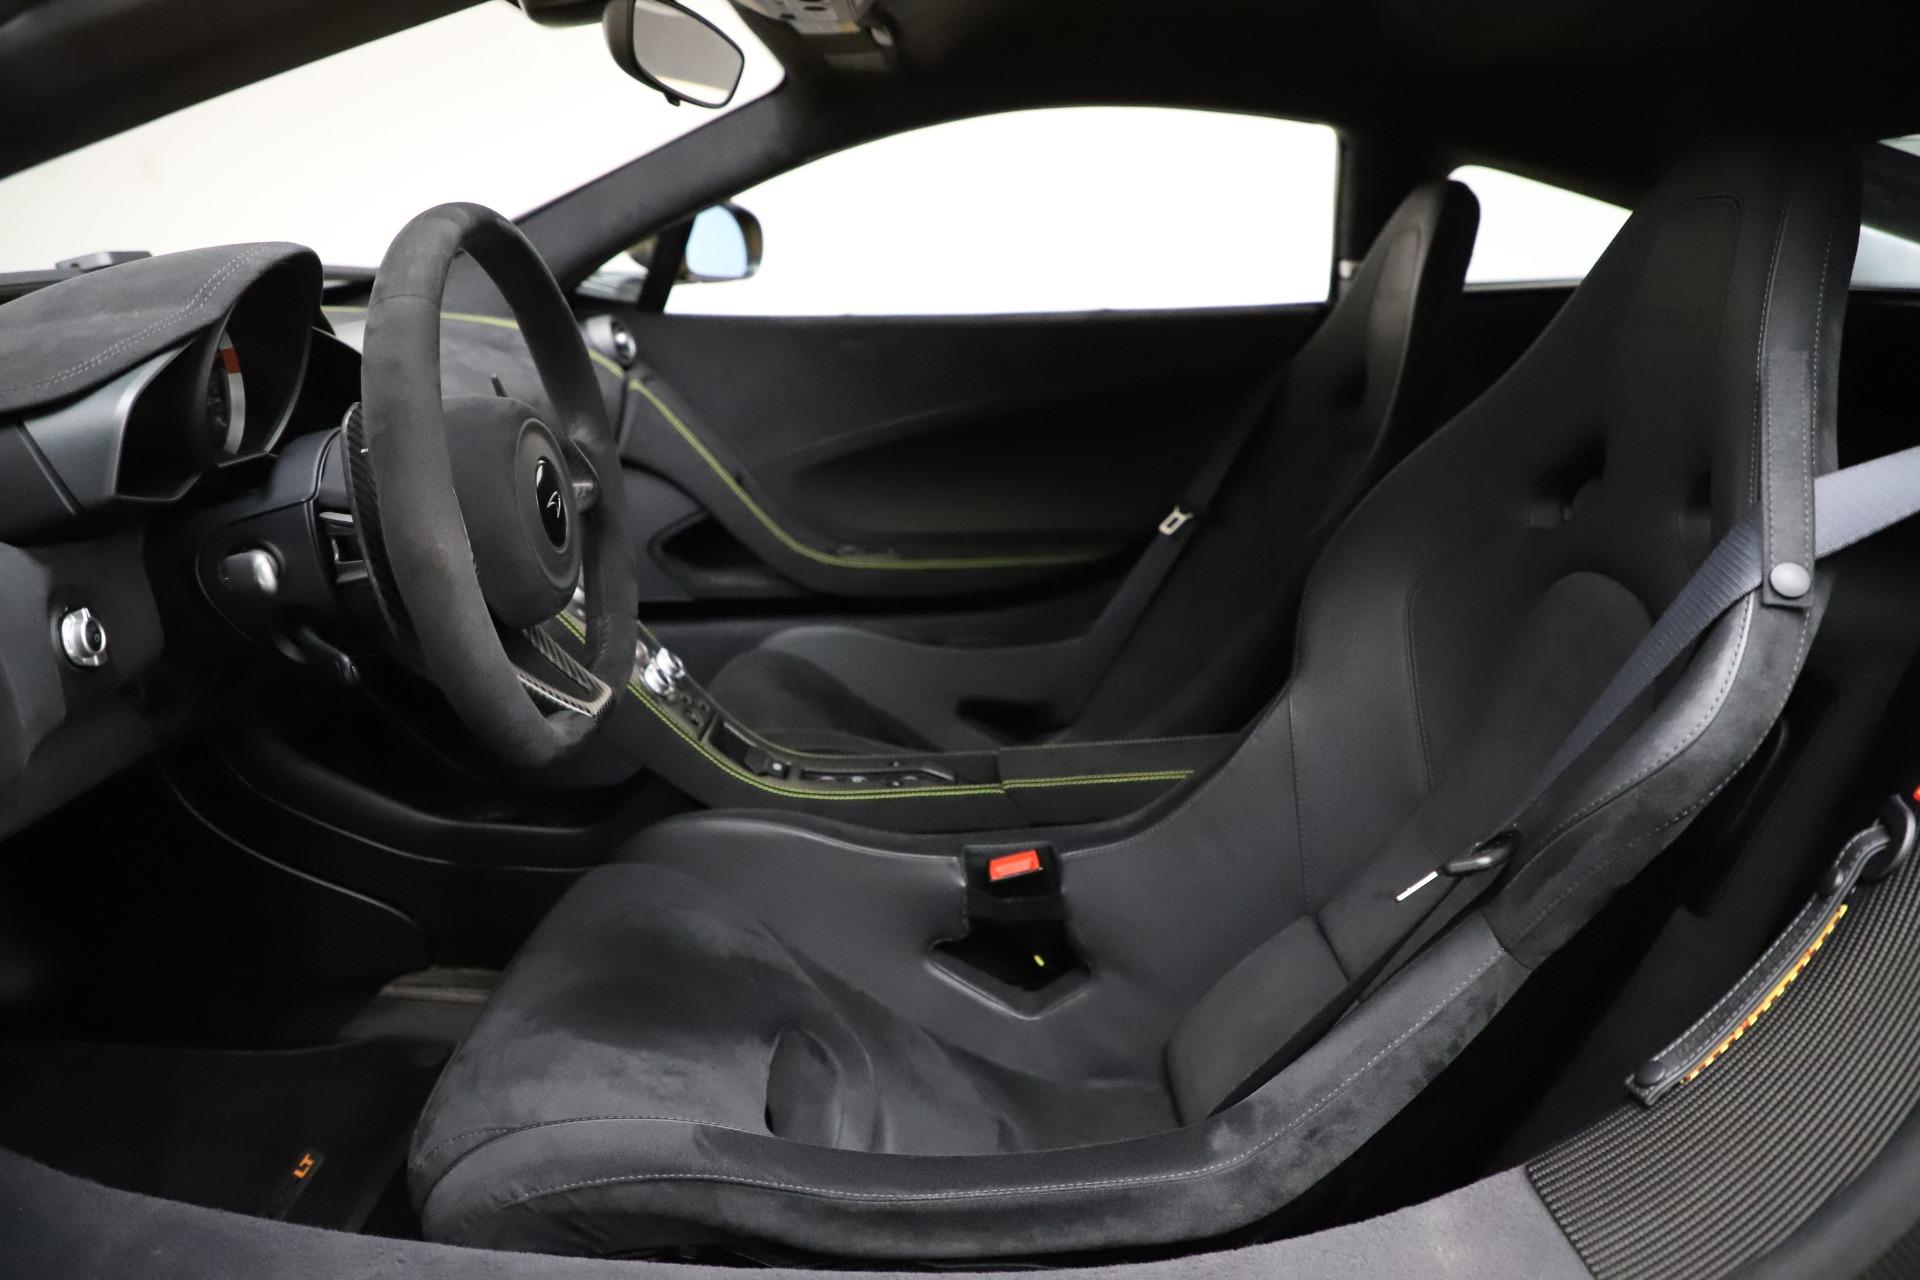 Used 2016 McLaren 675LT Coupe For Sale In Westport, CT 1916_p16